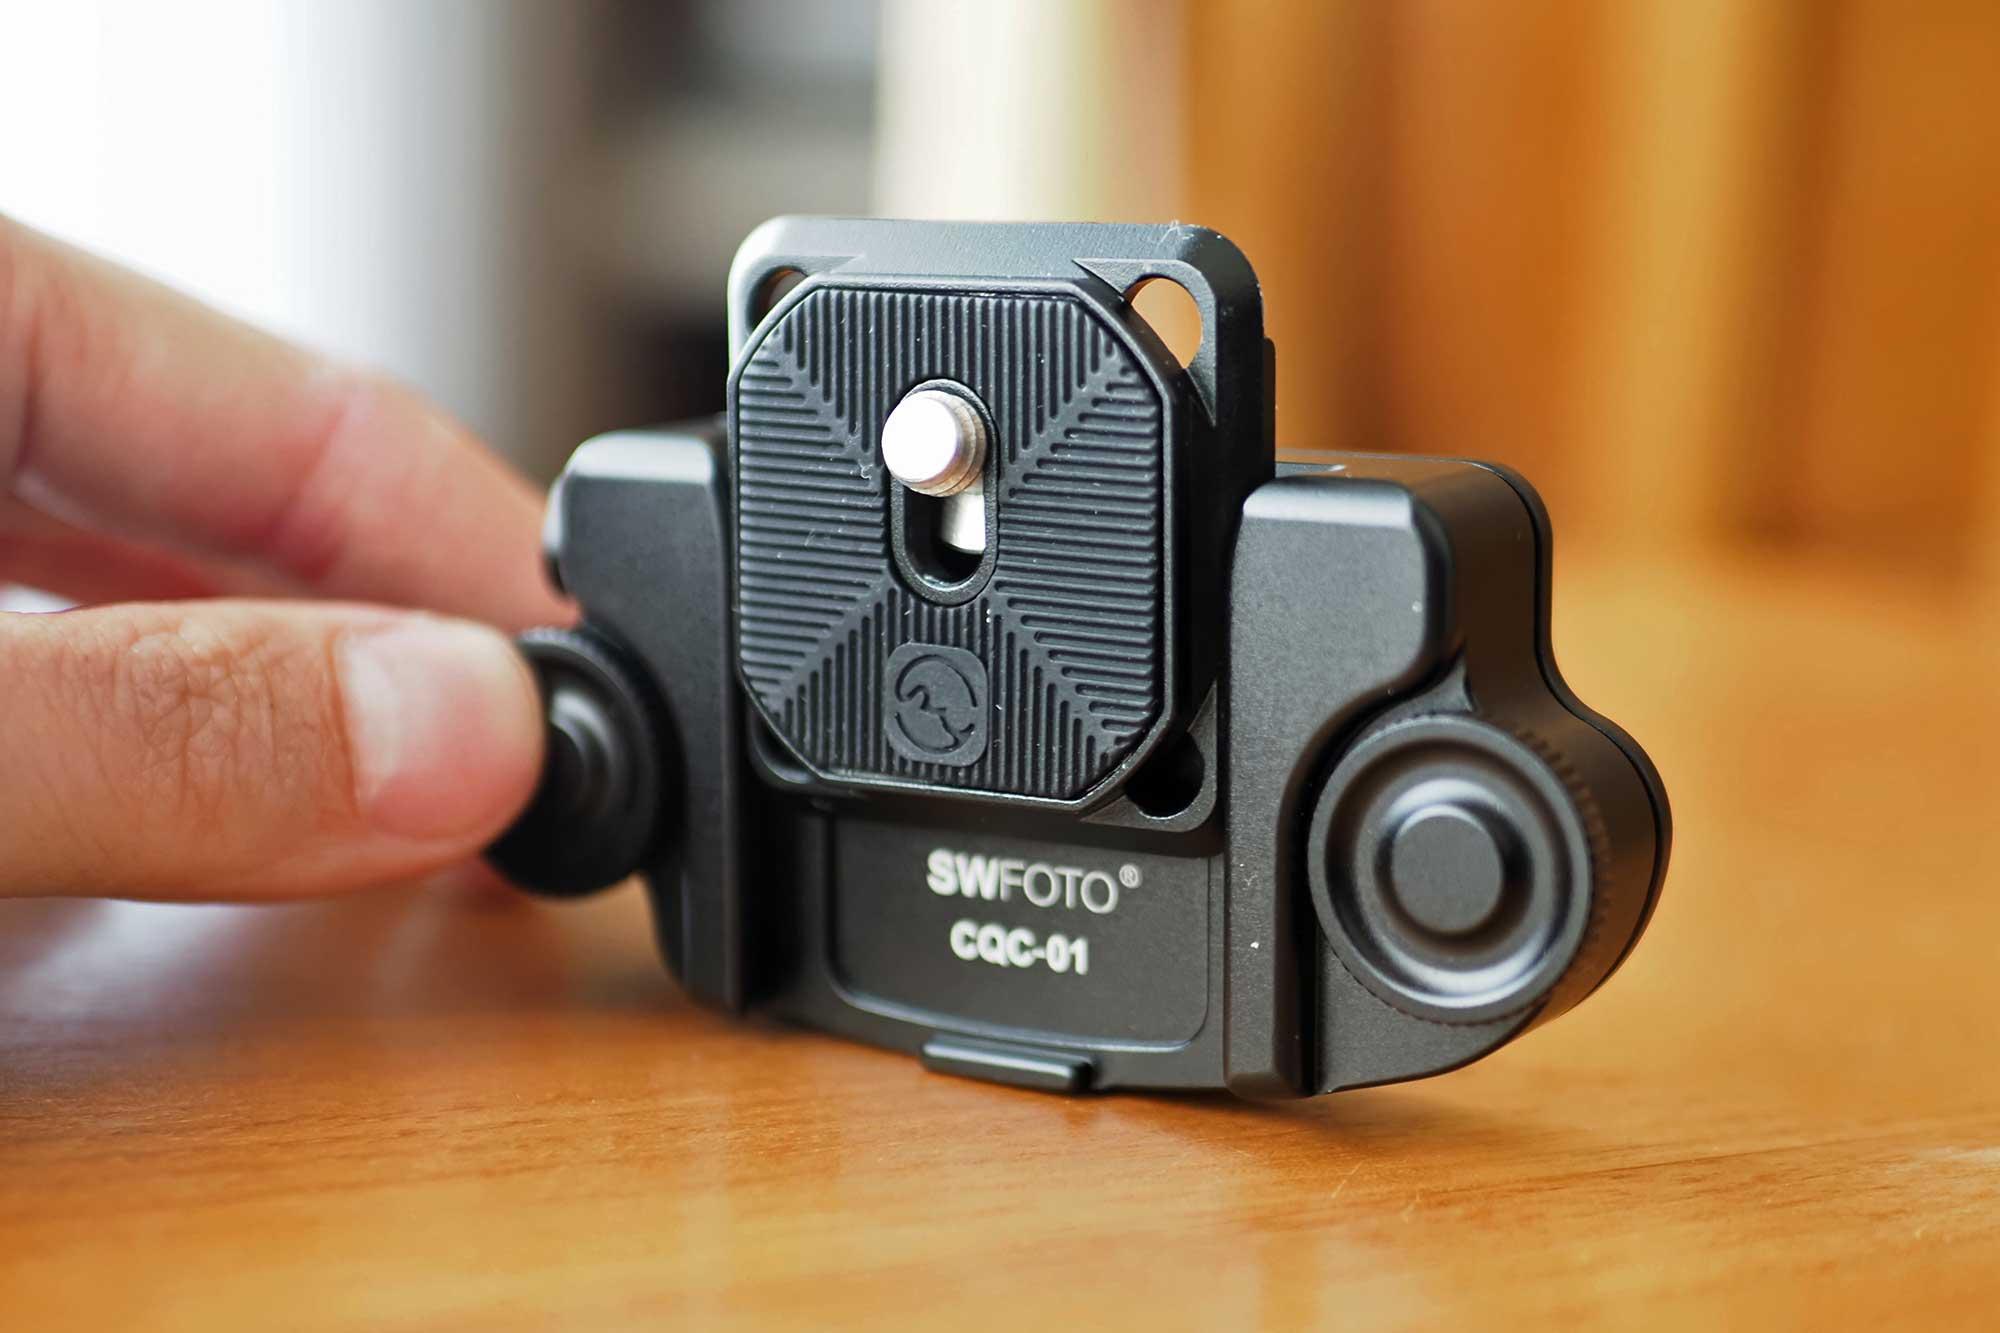 カメラホルスター,SWFOTO,ミラーレス一眼,一眼レフ,安い,コスパ,軽い,アルカスイス